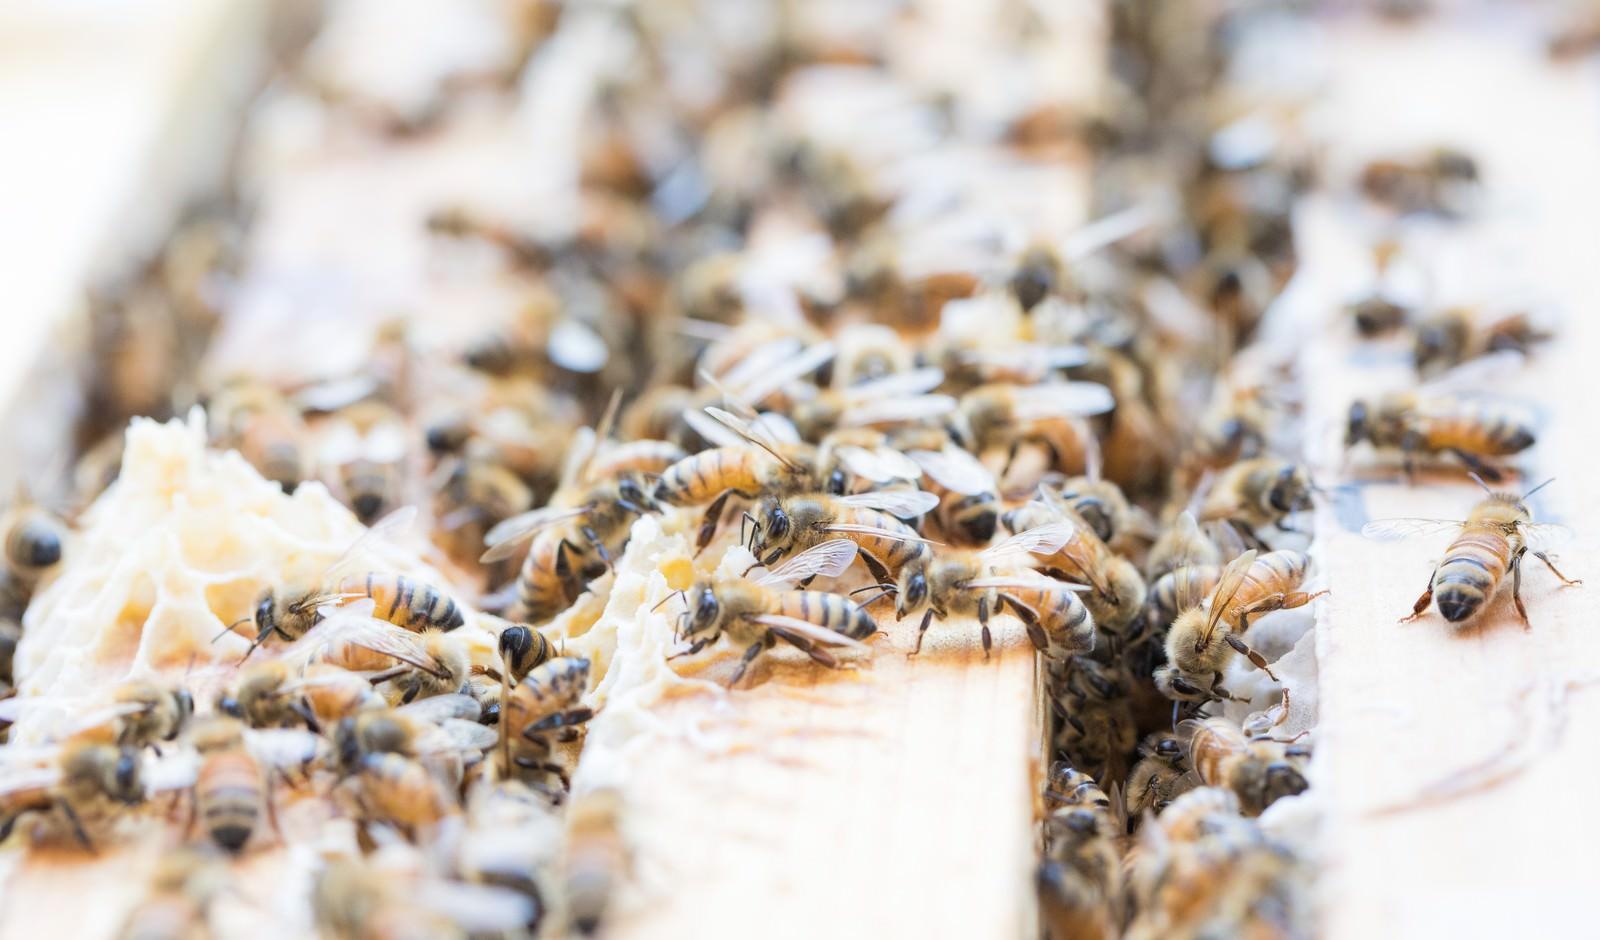 「巣板の上に群がるミツバチ | 写真の無料素材・フリー素材 - ぱくたそ」の写真